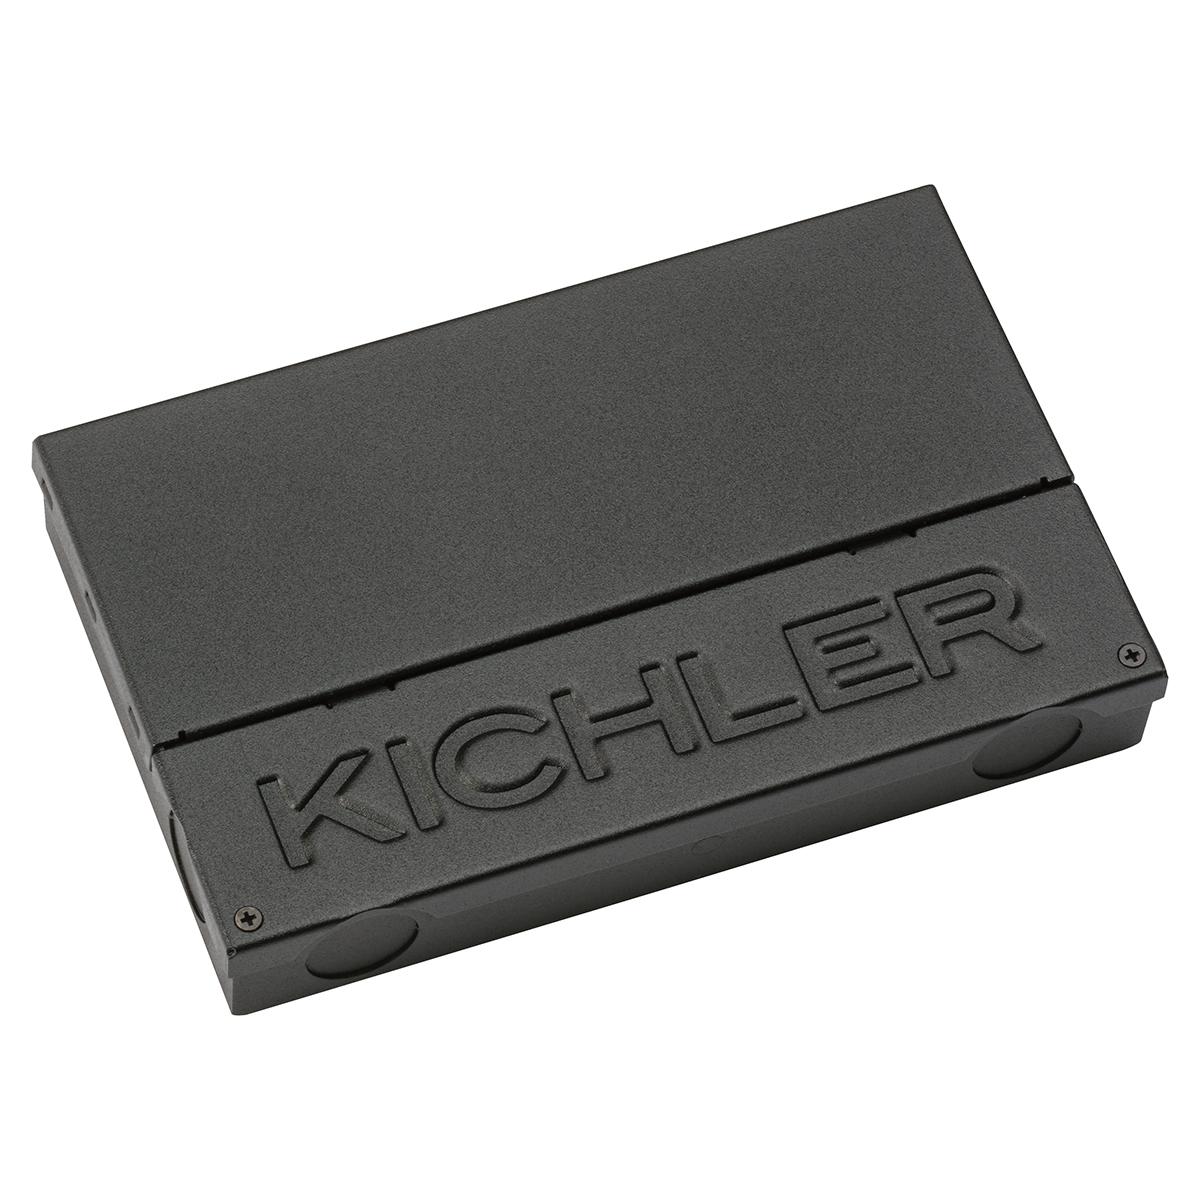 6TD24V96BKT KICHLER 24V DIMMABLE 96W POWER SUPPLY